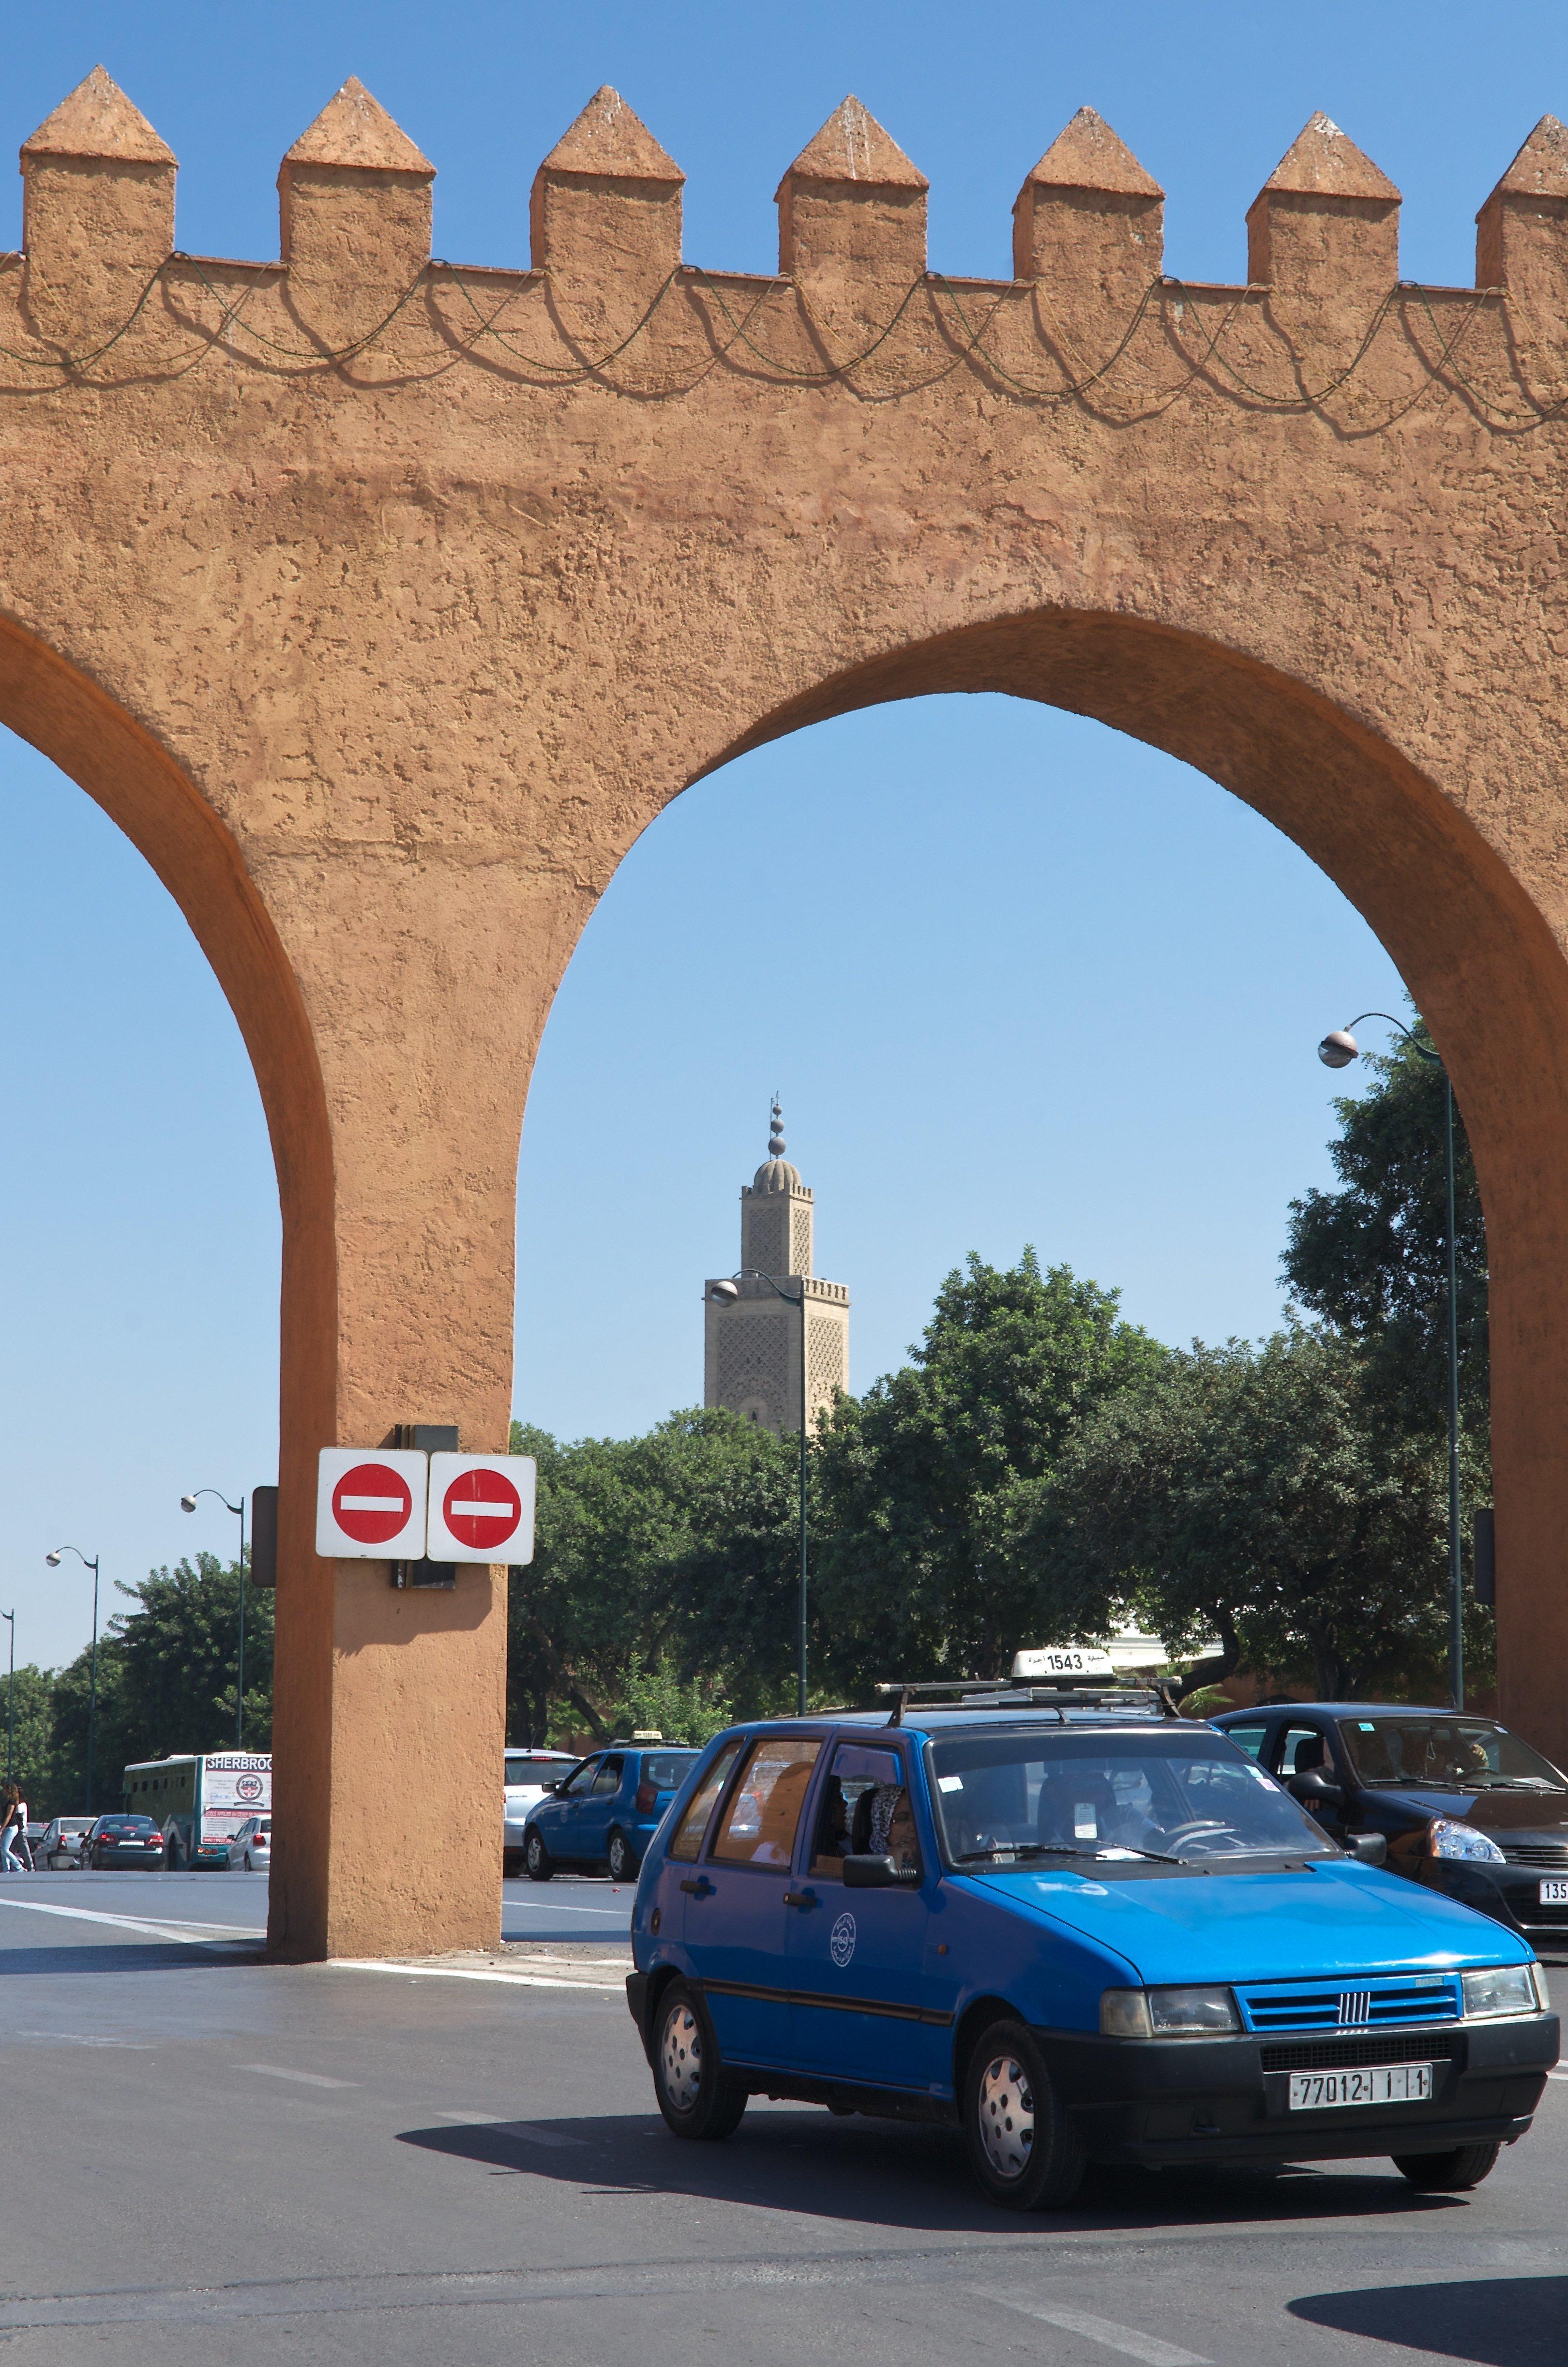 Les petits taxis de Rabat s'organisent pour revendiquer l'augmentation des